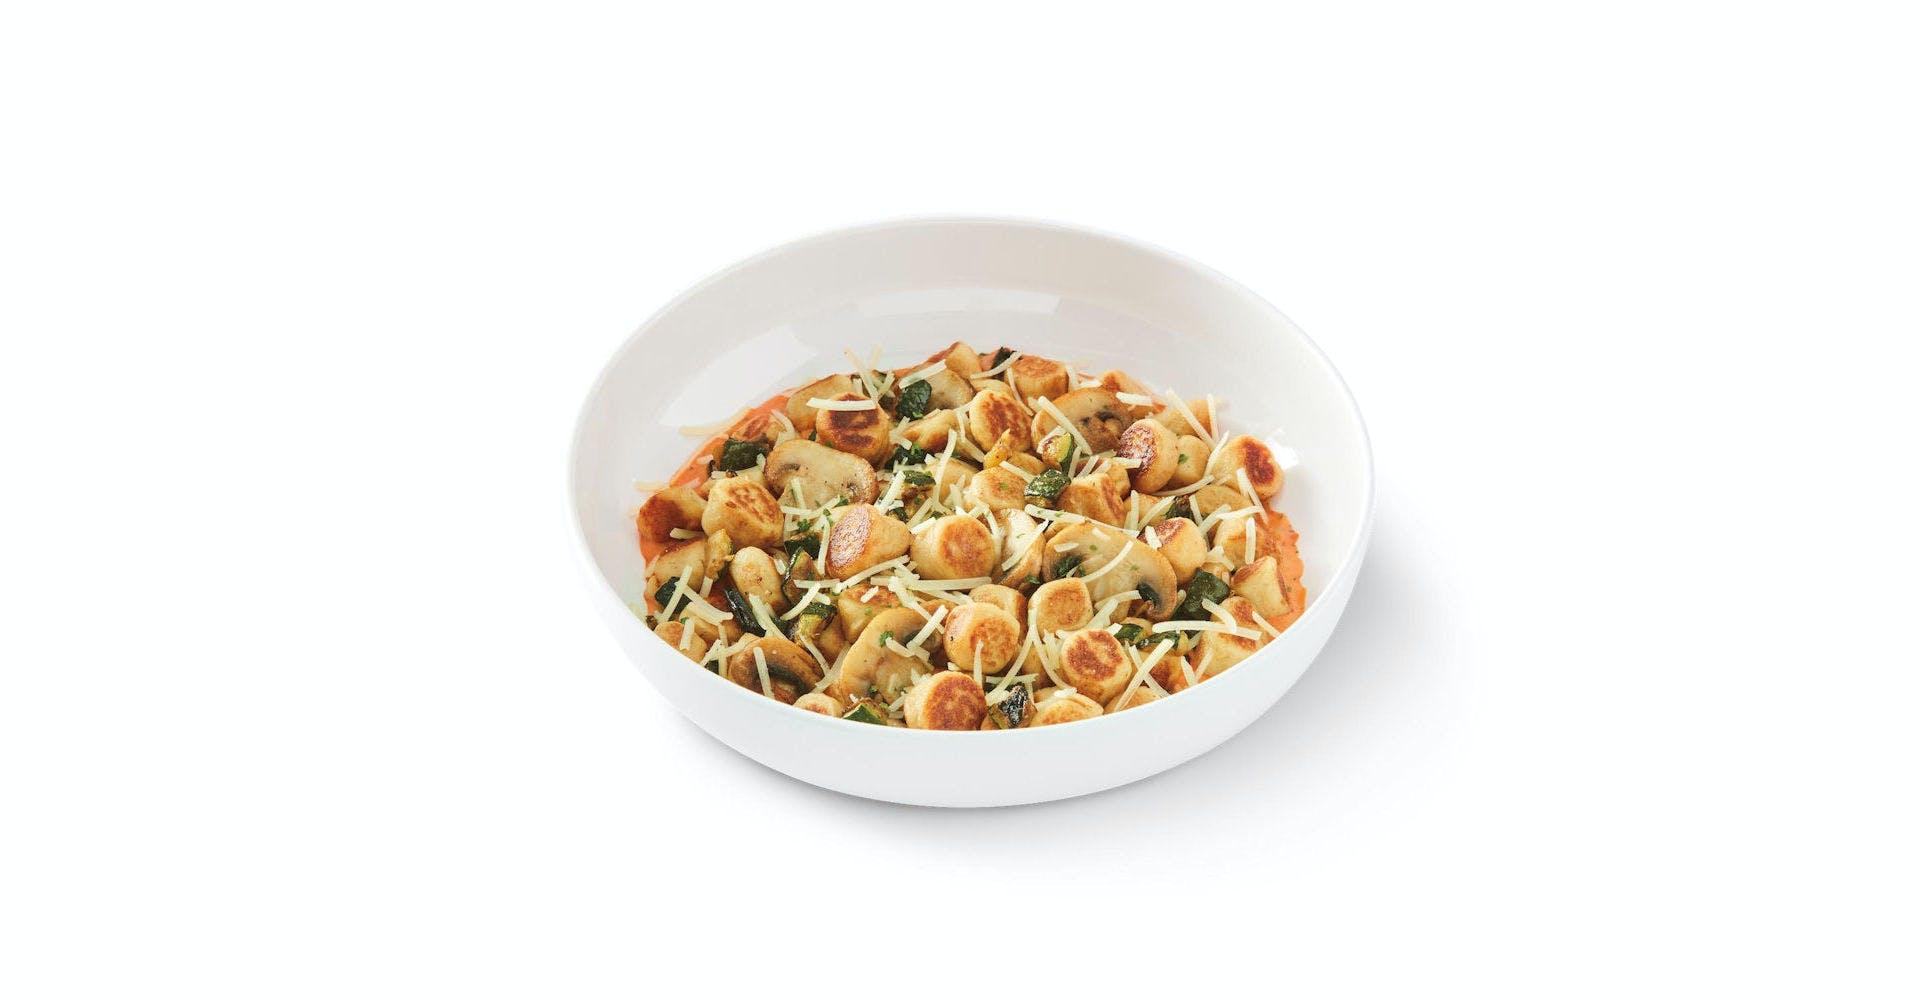 Cauliflower Gnocchi Rosa from Noodles & Company - Oshkosh in Oshkosh, WI